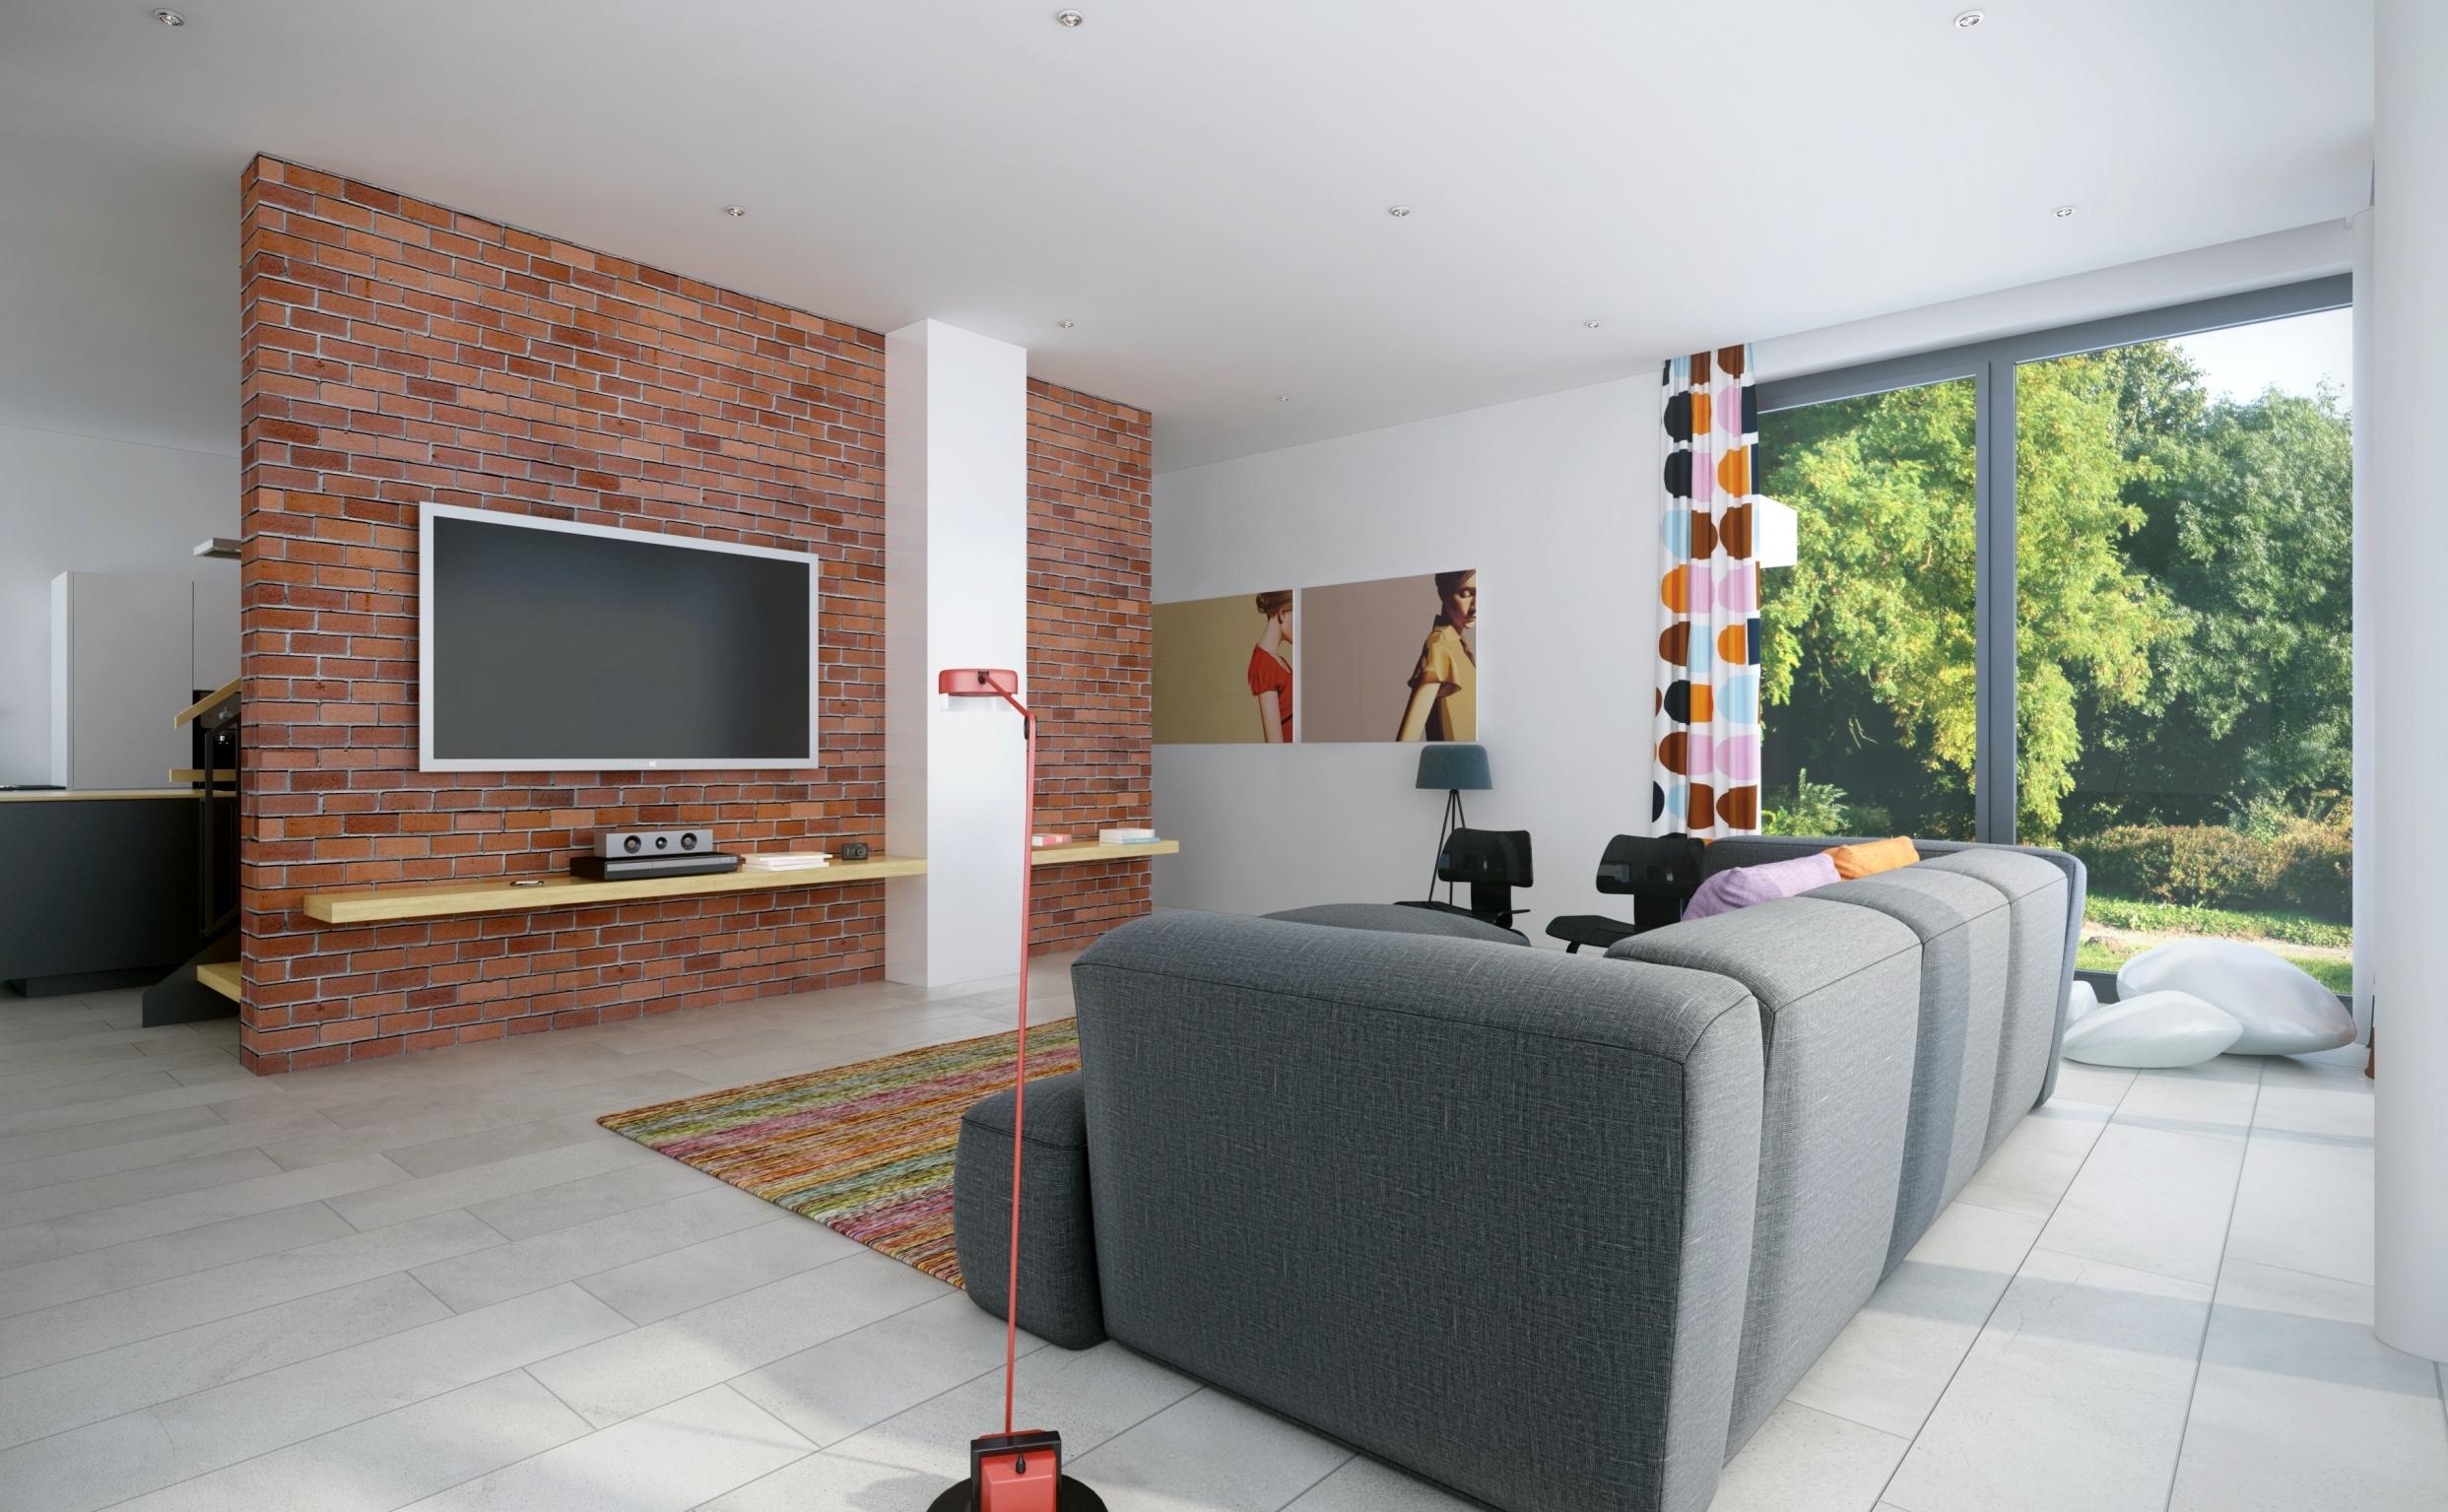 heinz von heiden massivh user musterhaus eiche branchensofortmeldung. Black Bedroom Furniture Sets. Home Design Ideas